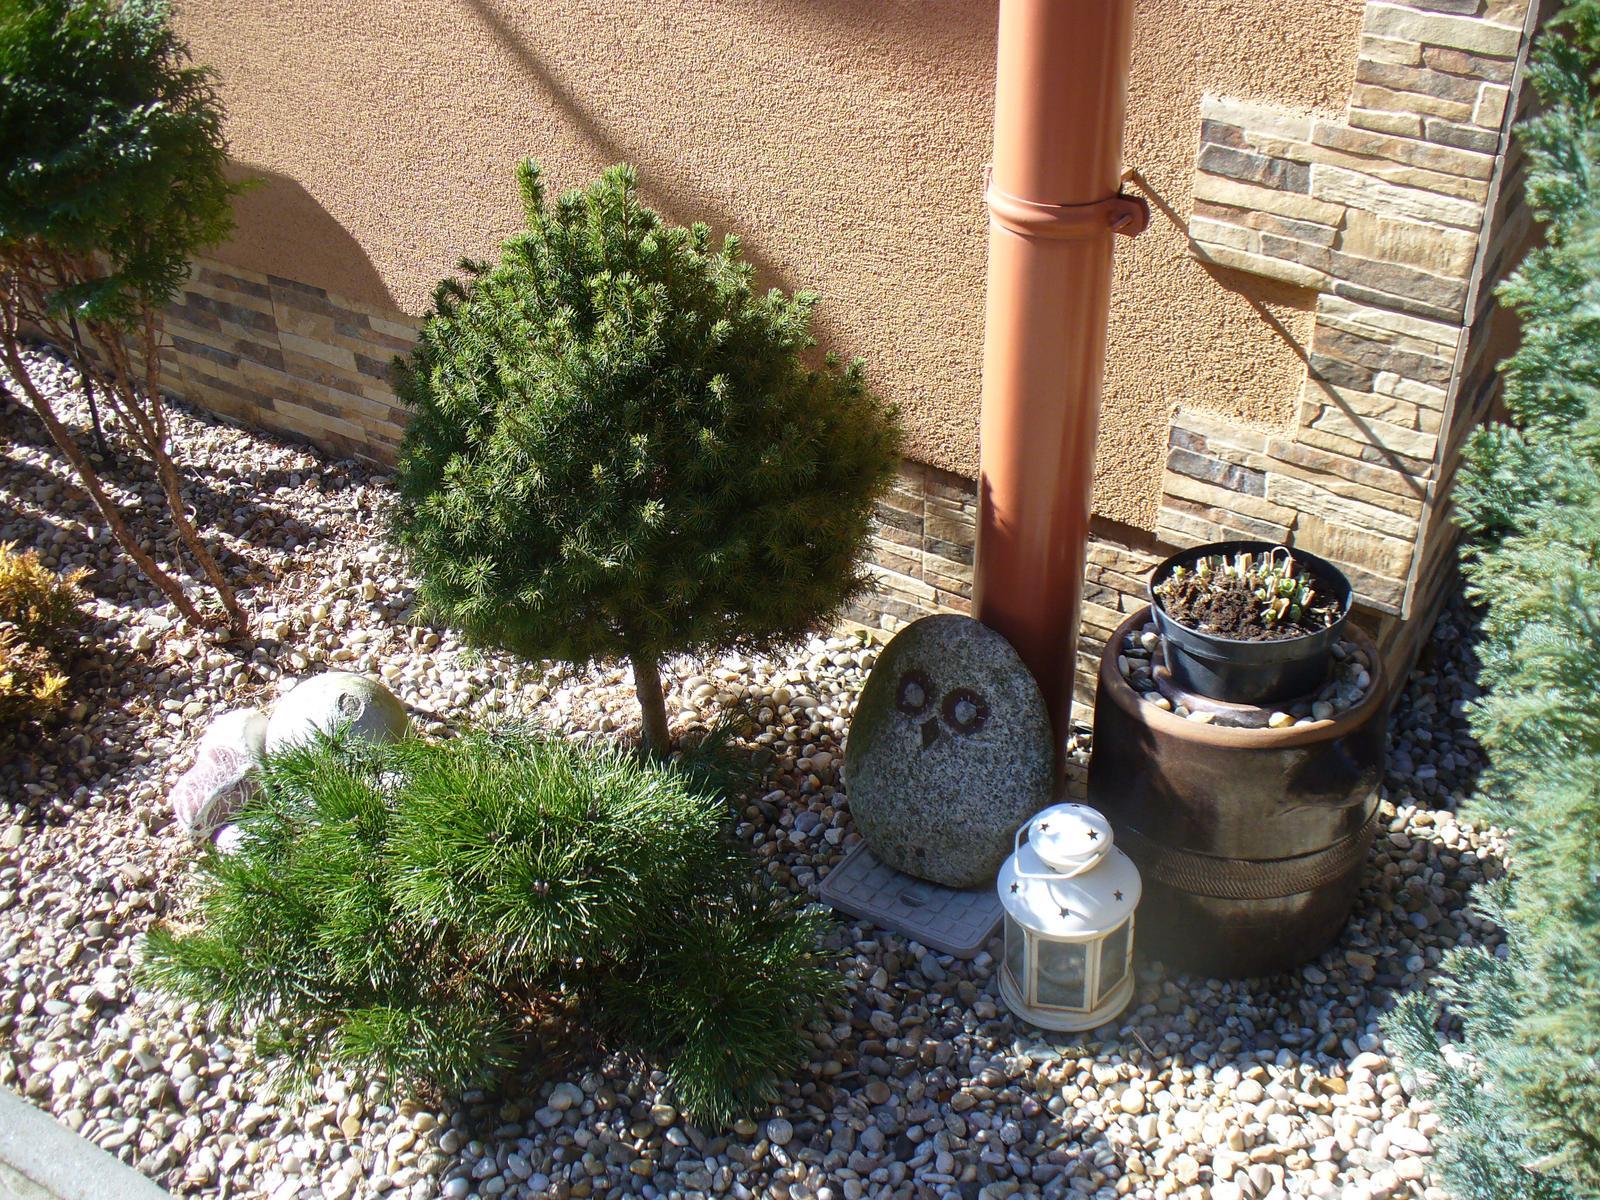 Prerábka, sadenie a úpravy v našej mini záhradke. - túto sovičku mám už dlho, robil môj syn